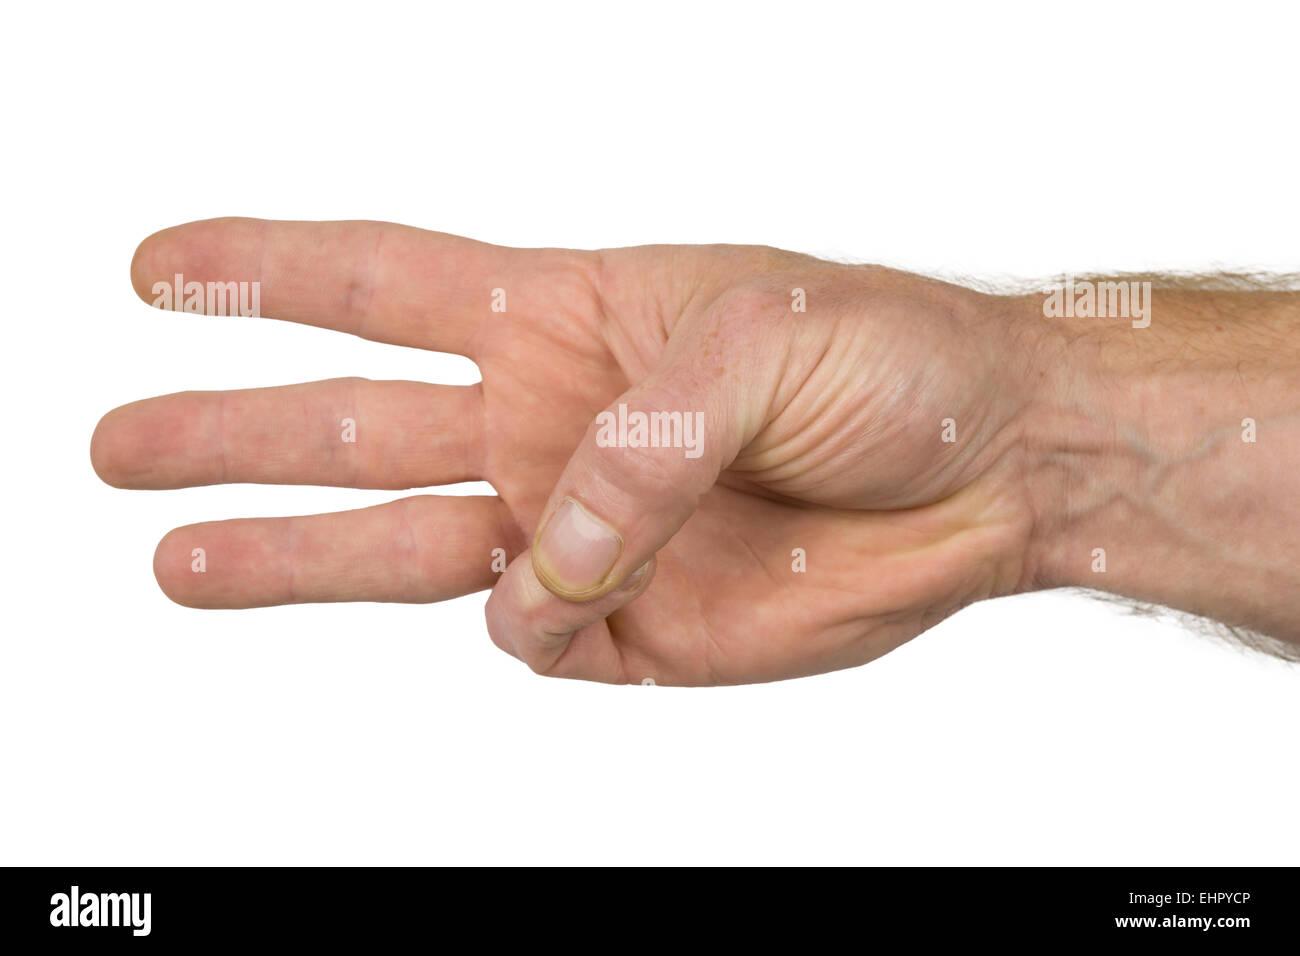 Trois doigts d'une main voir un signe Photo Stock